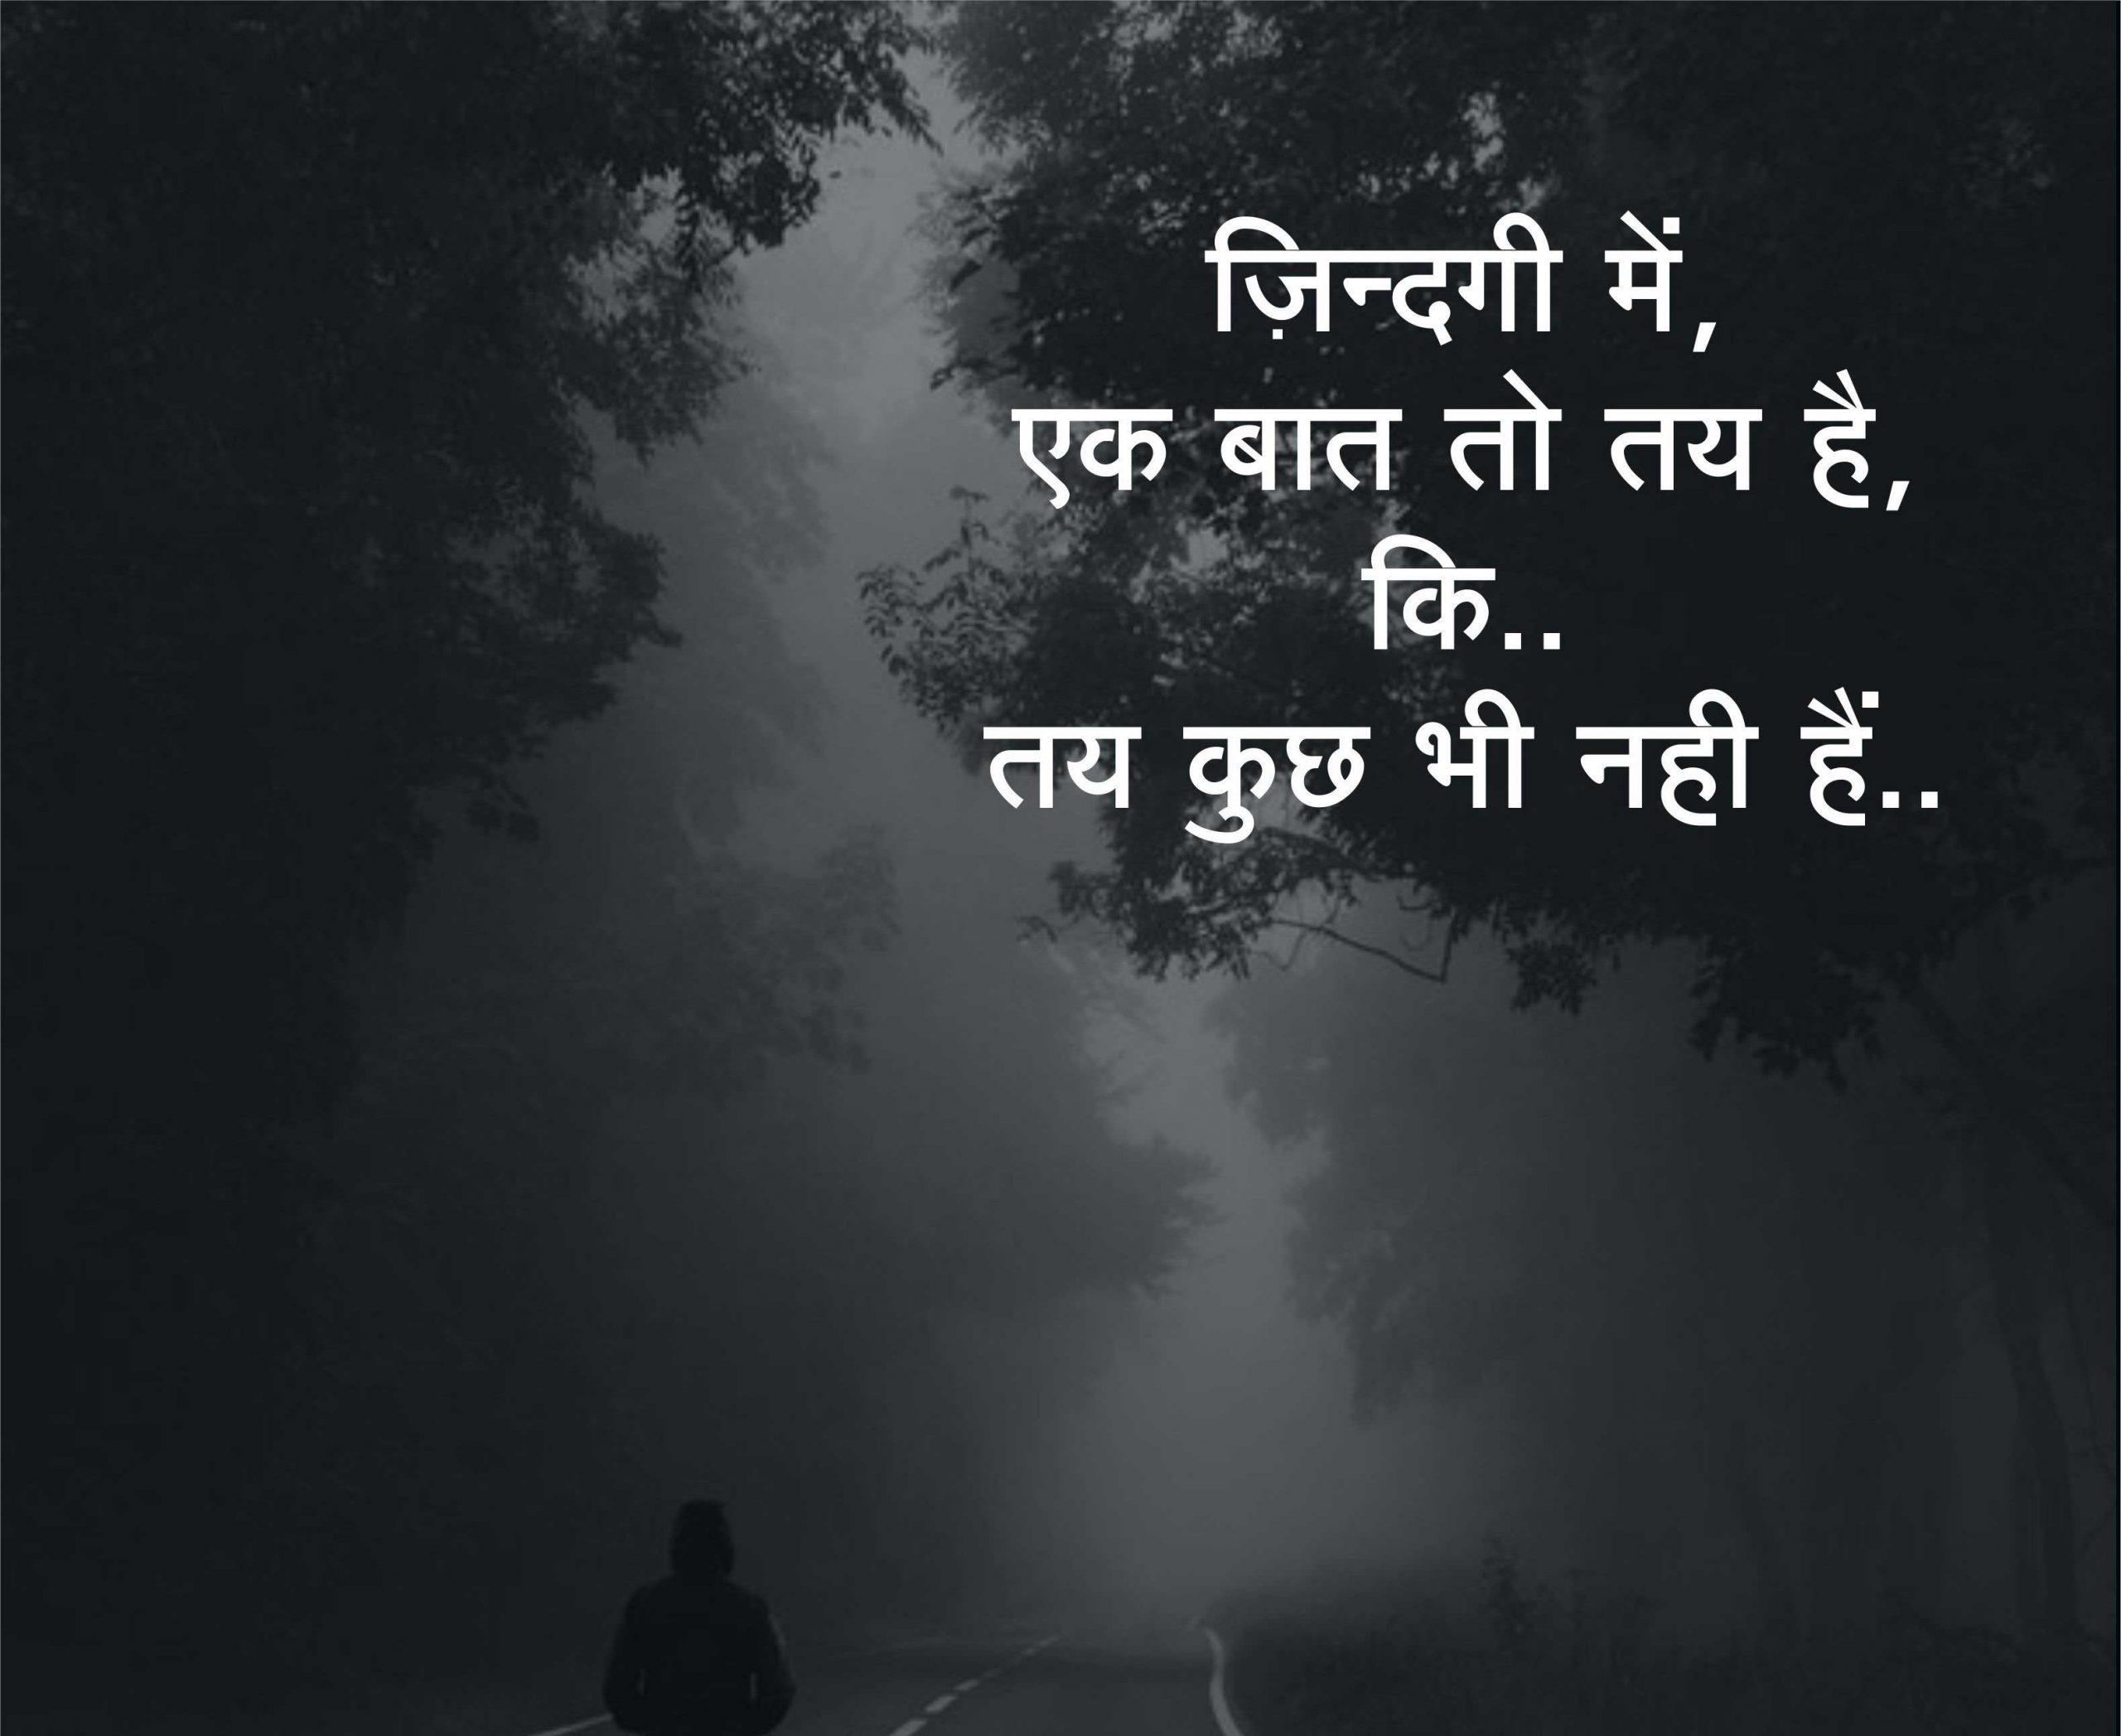 Hindi Quotes Whatsapp DP Photo Images